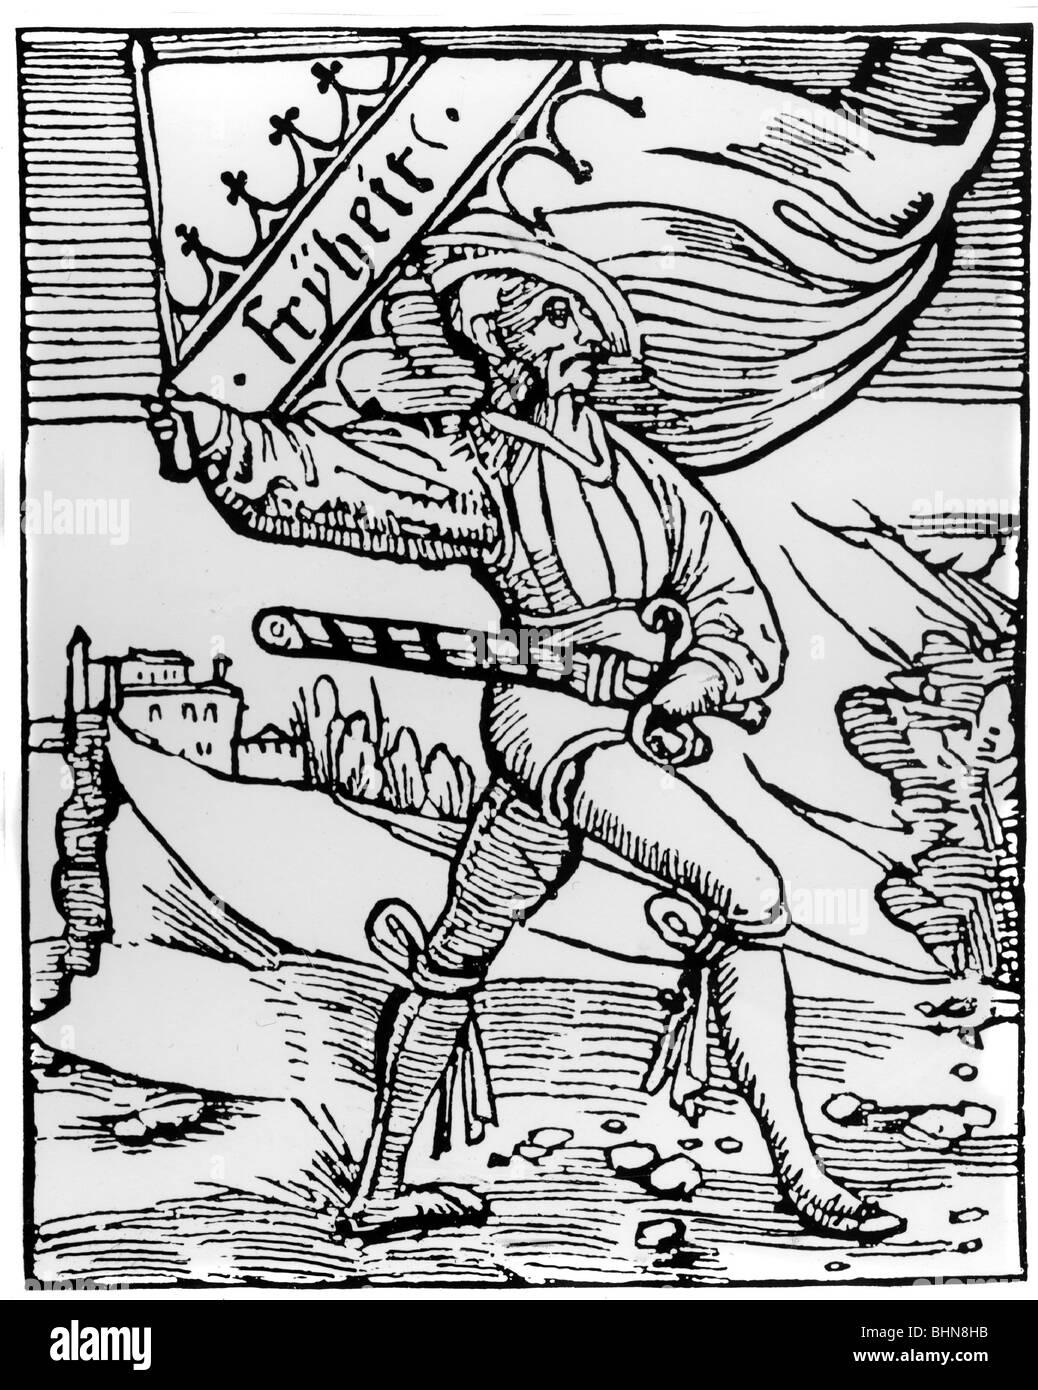 Veranstaltungen, Deutscher Bauernkrieg 1524 - 1526, Farbe Träger der Bauernarmee, Fahne mit dem Motto 'Freiheit', Stockbild